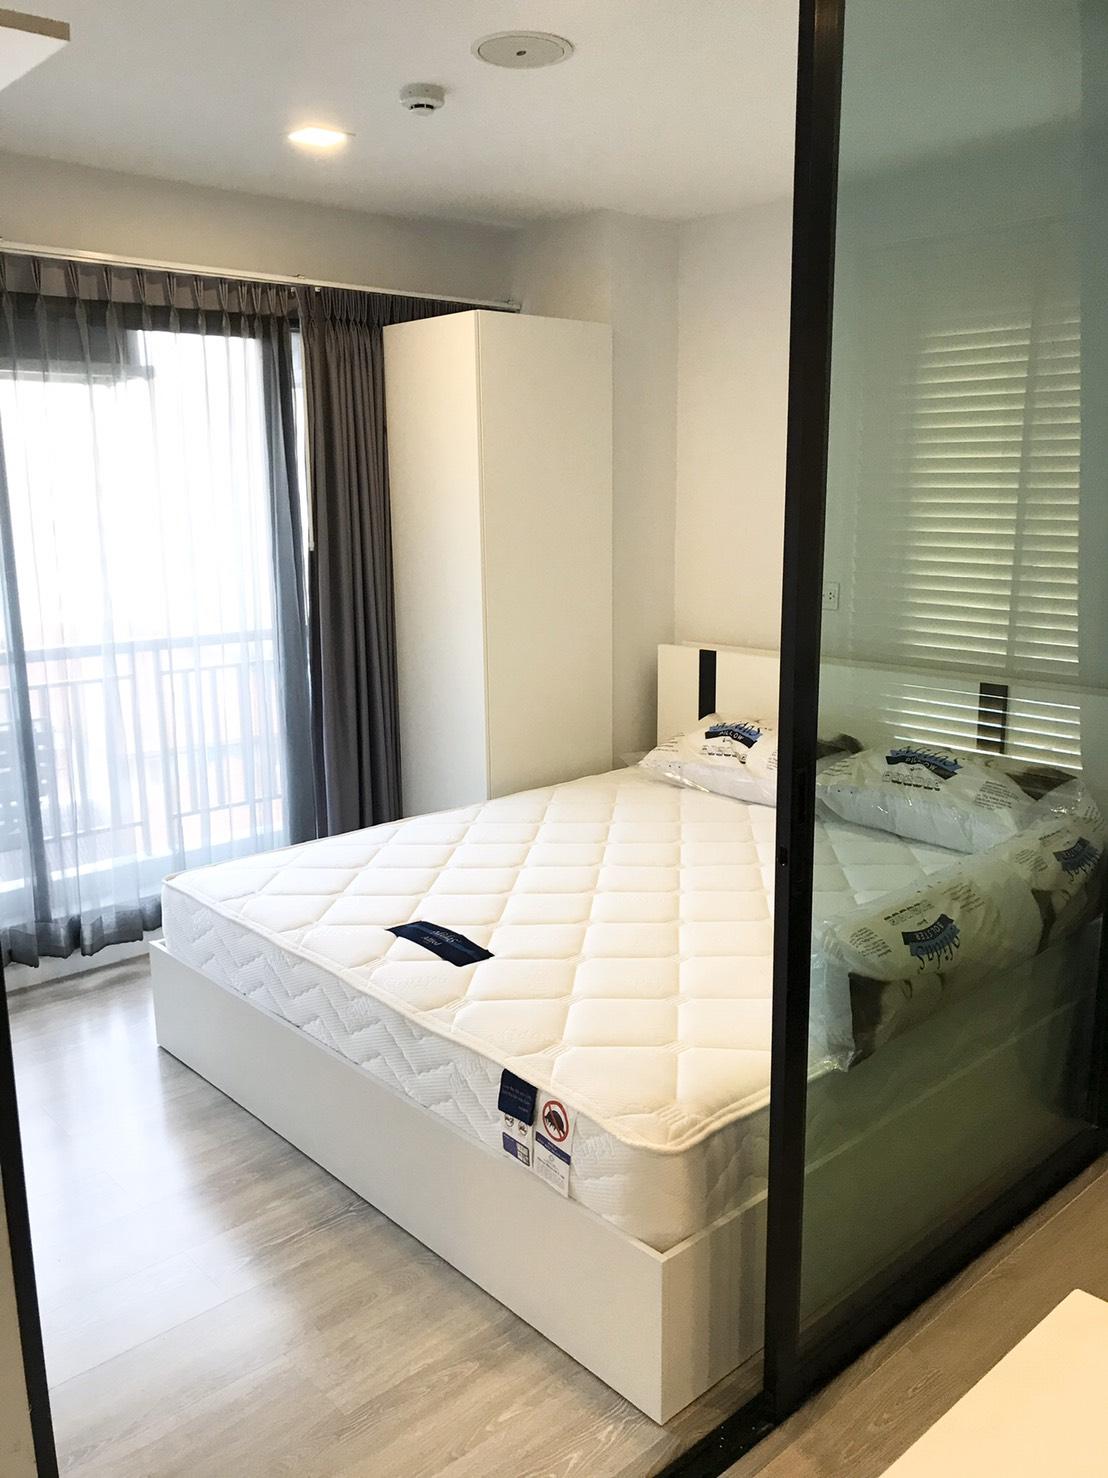 ภาพคอนโดให้เช่า พอส สุขุมวิท 103  ซอย วชิรธรรมสาธิต 6  บางนา บางนา 2 ห้องนอน พร้อมอยู่ ราคาถูก